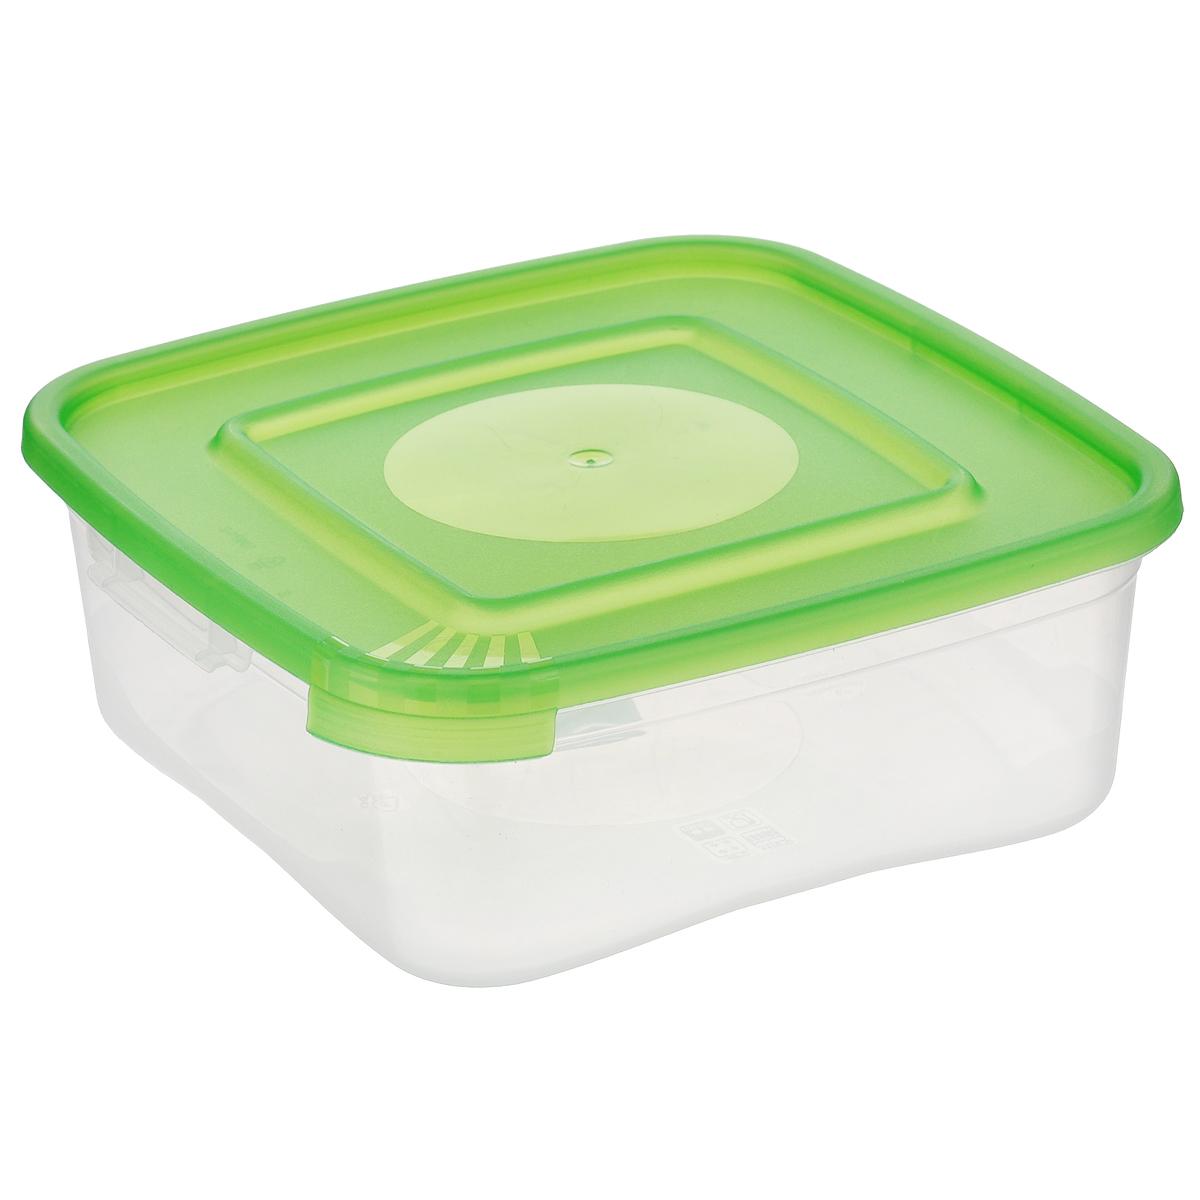 Контейнер для СВЧ Полимербыт Каскад, цвет: салатовый, 700 мл00555-007-01Контейнер для СВЧ Полимербыт Каскад изготовлен из высококачественного прочного пластика, устойчивого к высоким температурам (до +110°С). Стенки контейнера прозрачные, что позволяет видеть содержимое. Цветная полупрозрачная крышка плотно закрывается. Контейнер идеально подходит для хранения пищи, его удобно брать с собой на работу, учебу, пикник или просто использовать для хранения пищи в холодильнике. Можно использовать в микроволновой печи и для заморозки в морозильной камере. Можно мыть в посудомоечной машине.